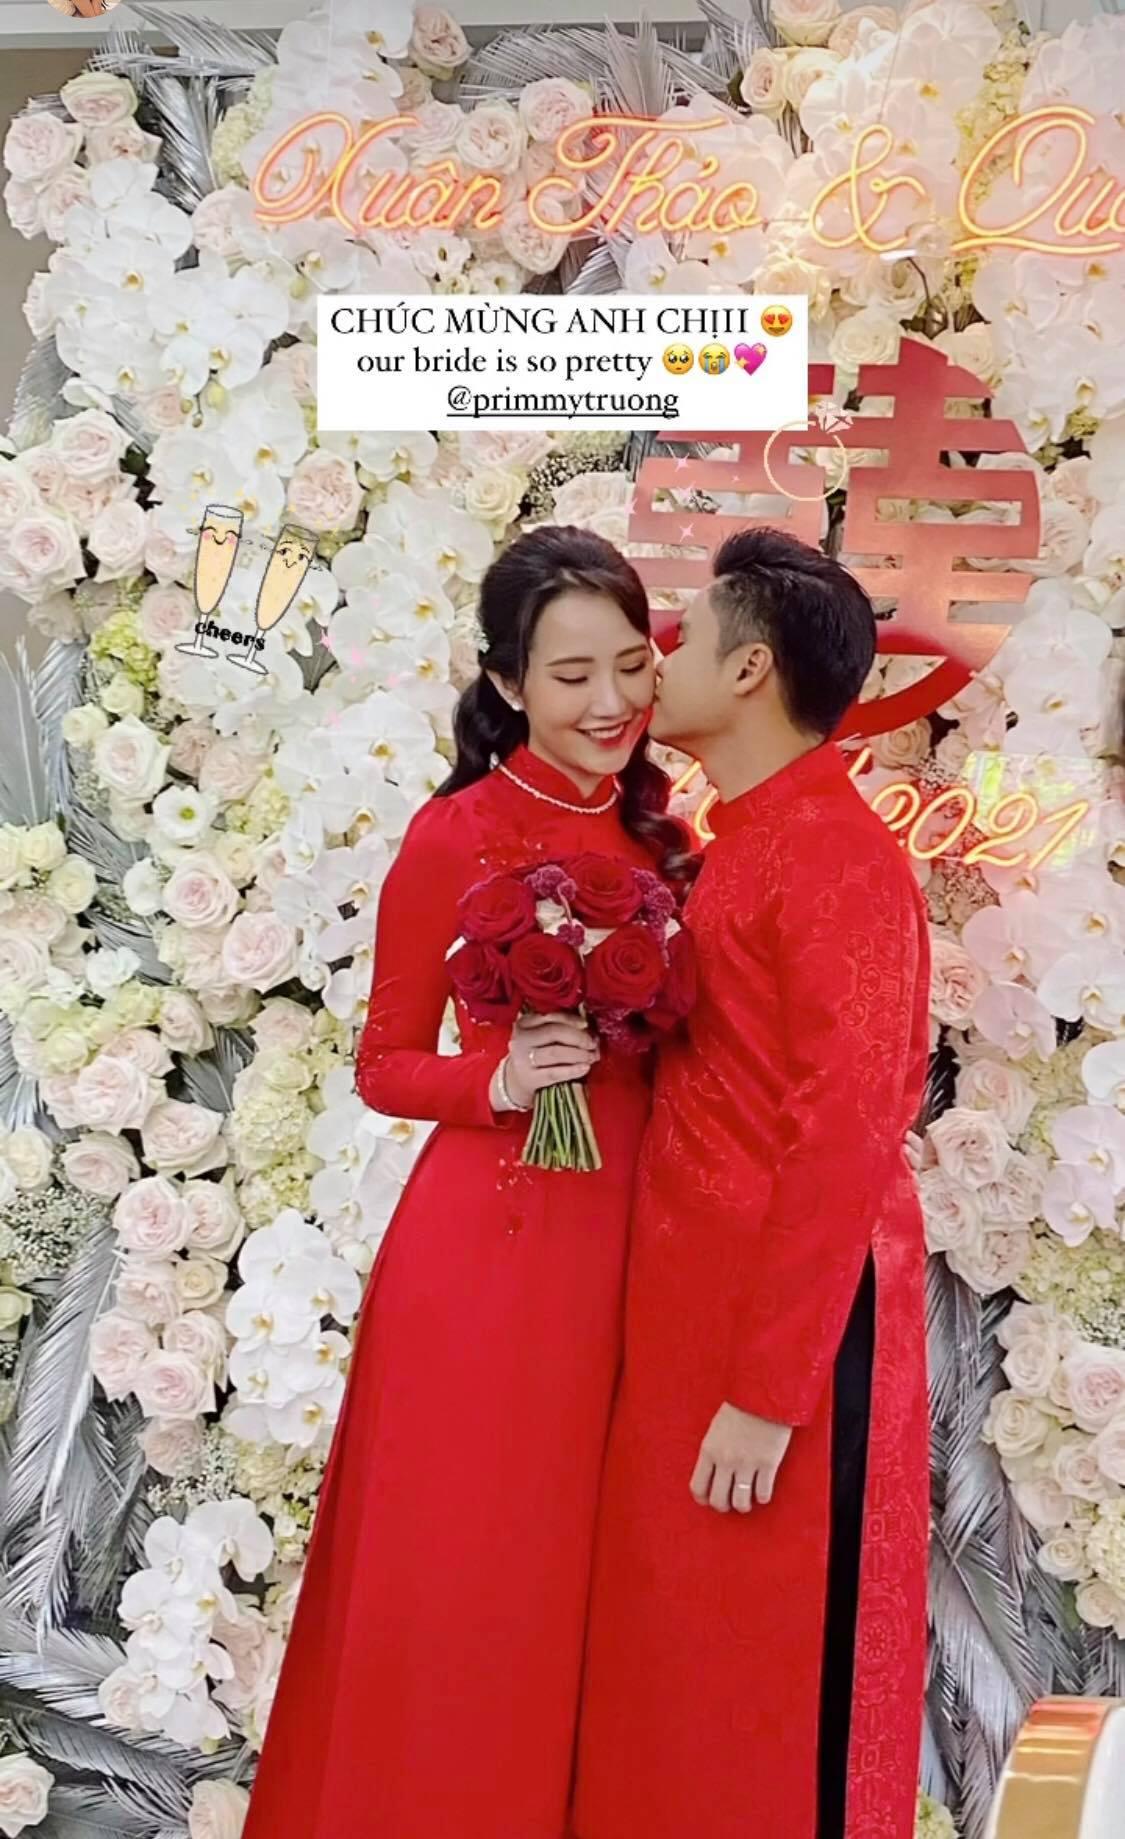 """Cô dâu Primmy Trương diện túi Dior bản giới hạn trong ngày rước dâu, chú rể Phan Thành thể hiện tình cảm bằng hành động nhỏ xíu khiến dân tình """"phát hờn"""" - Ảnh 2."""